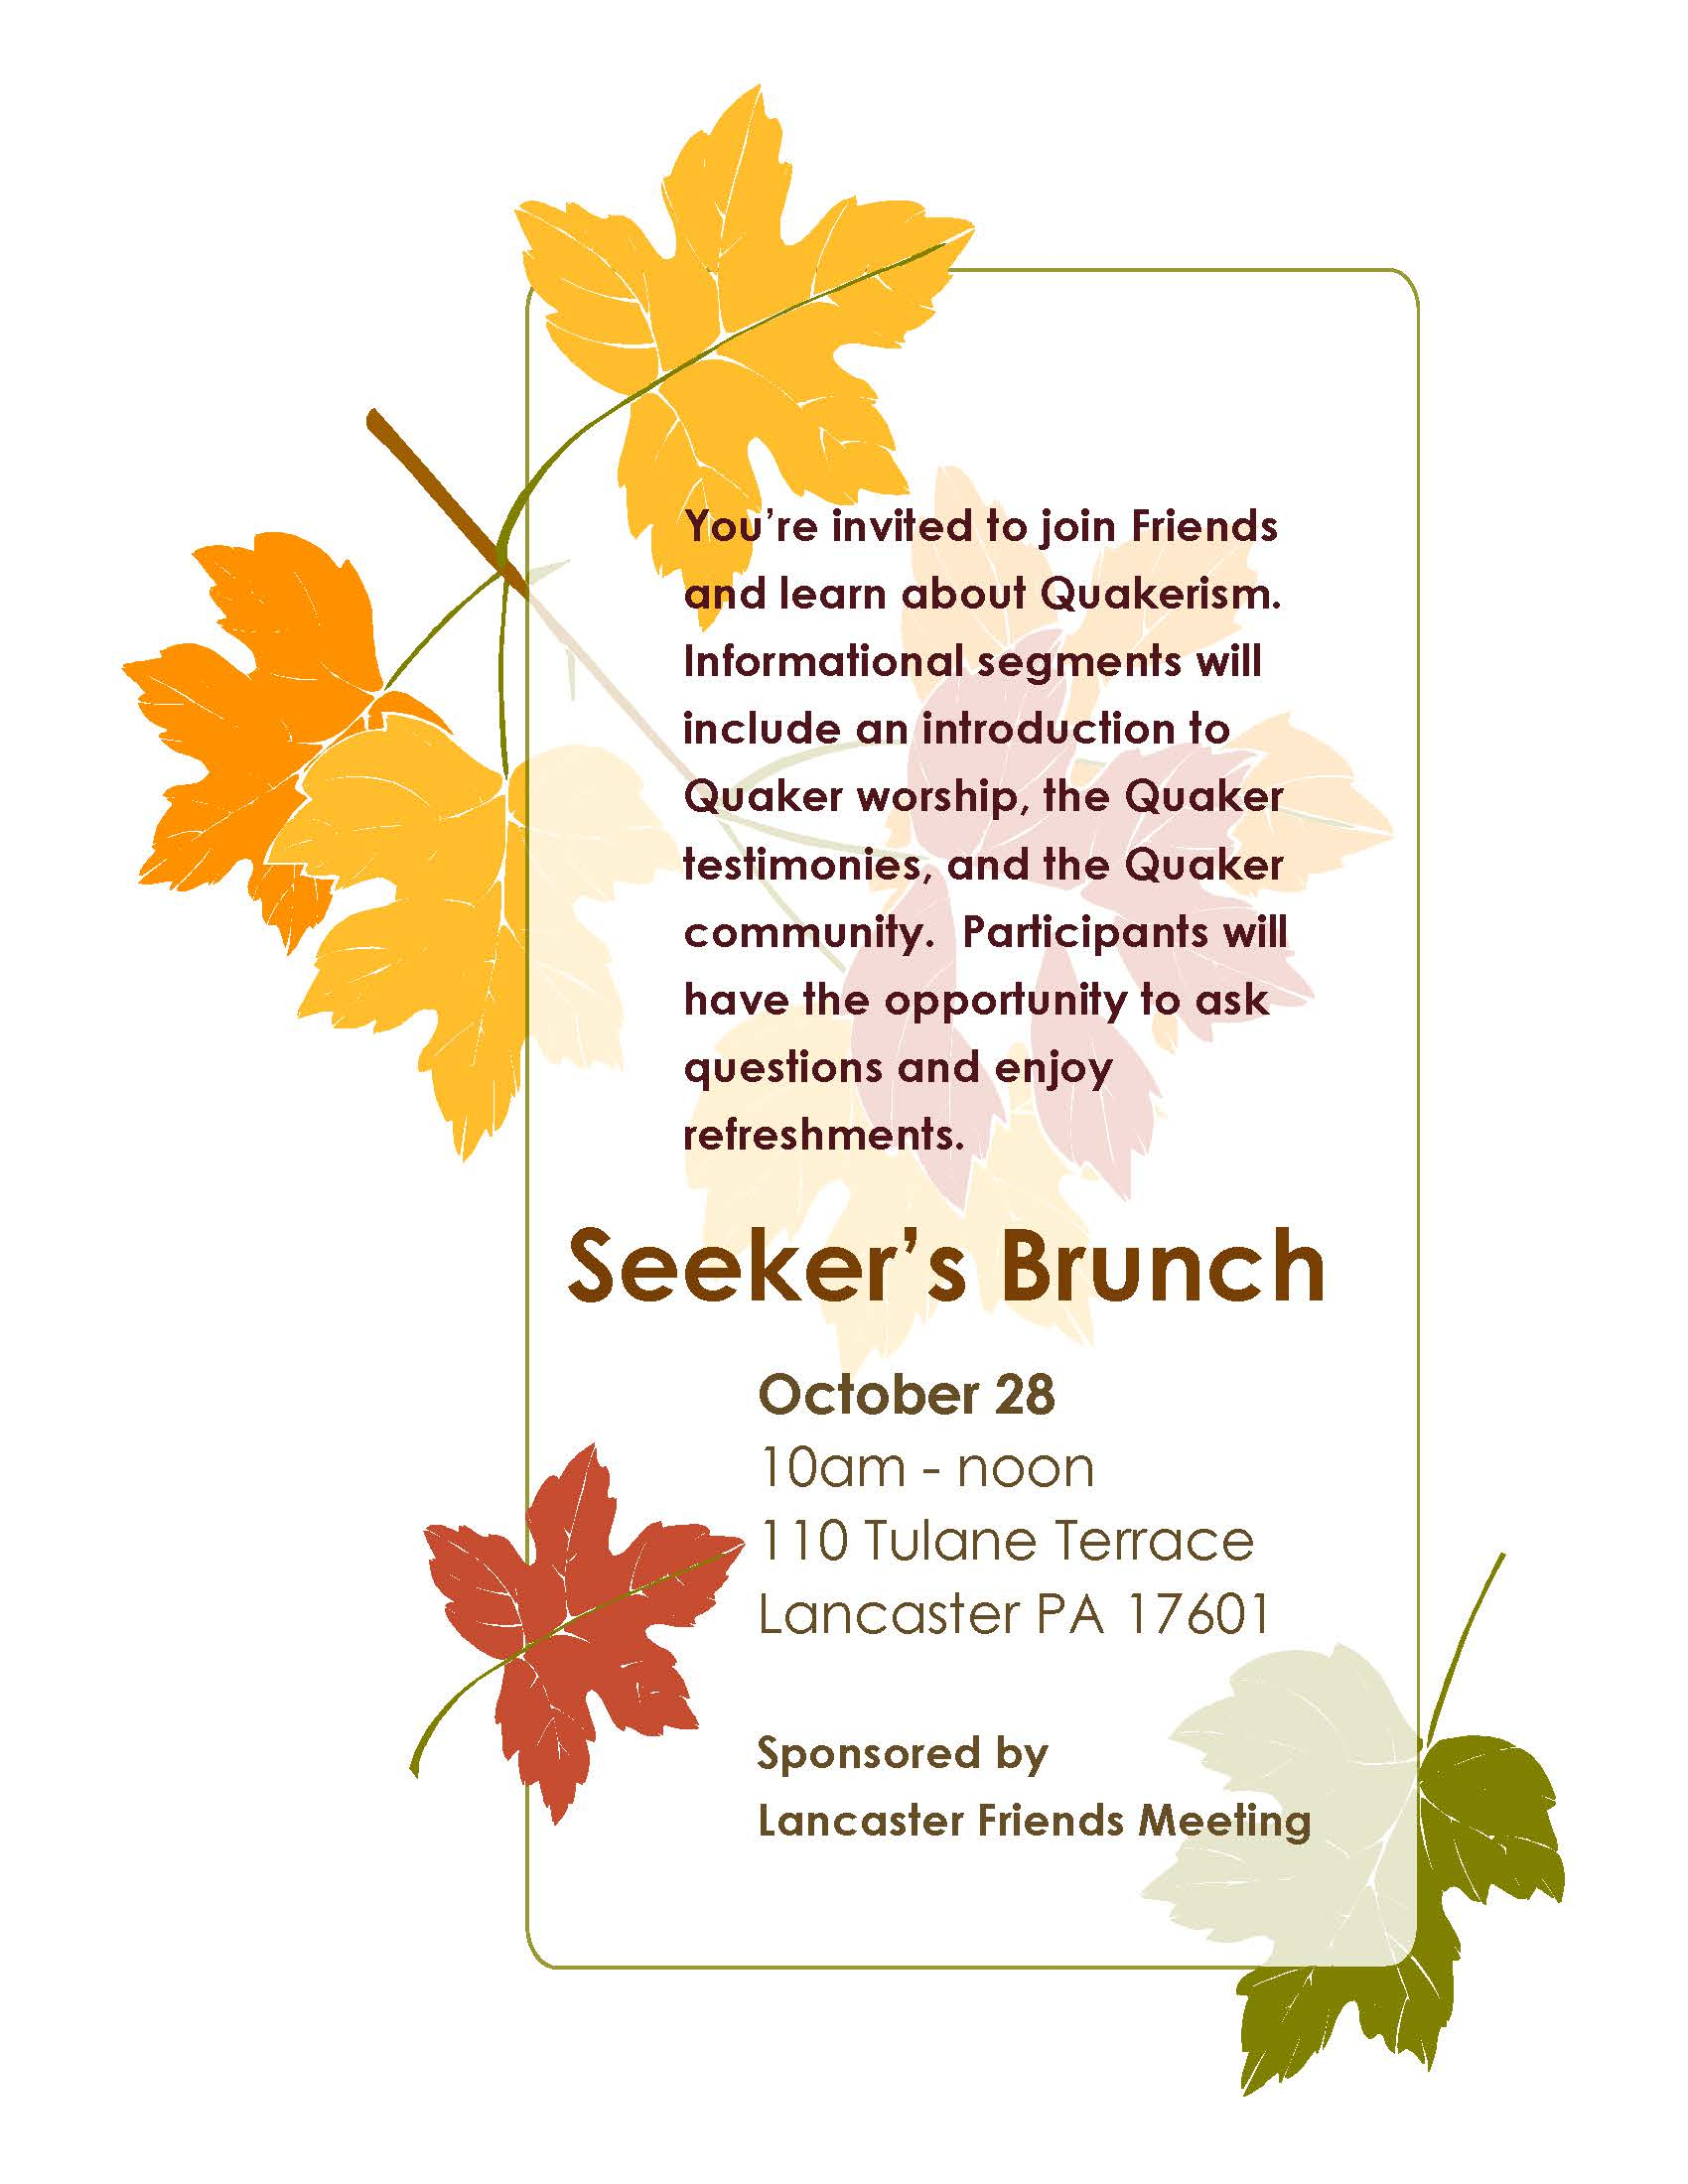 seeker's brunch flyer.jpg